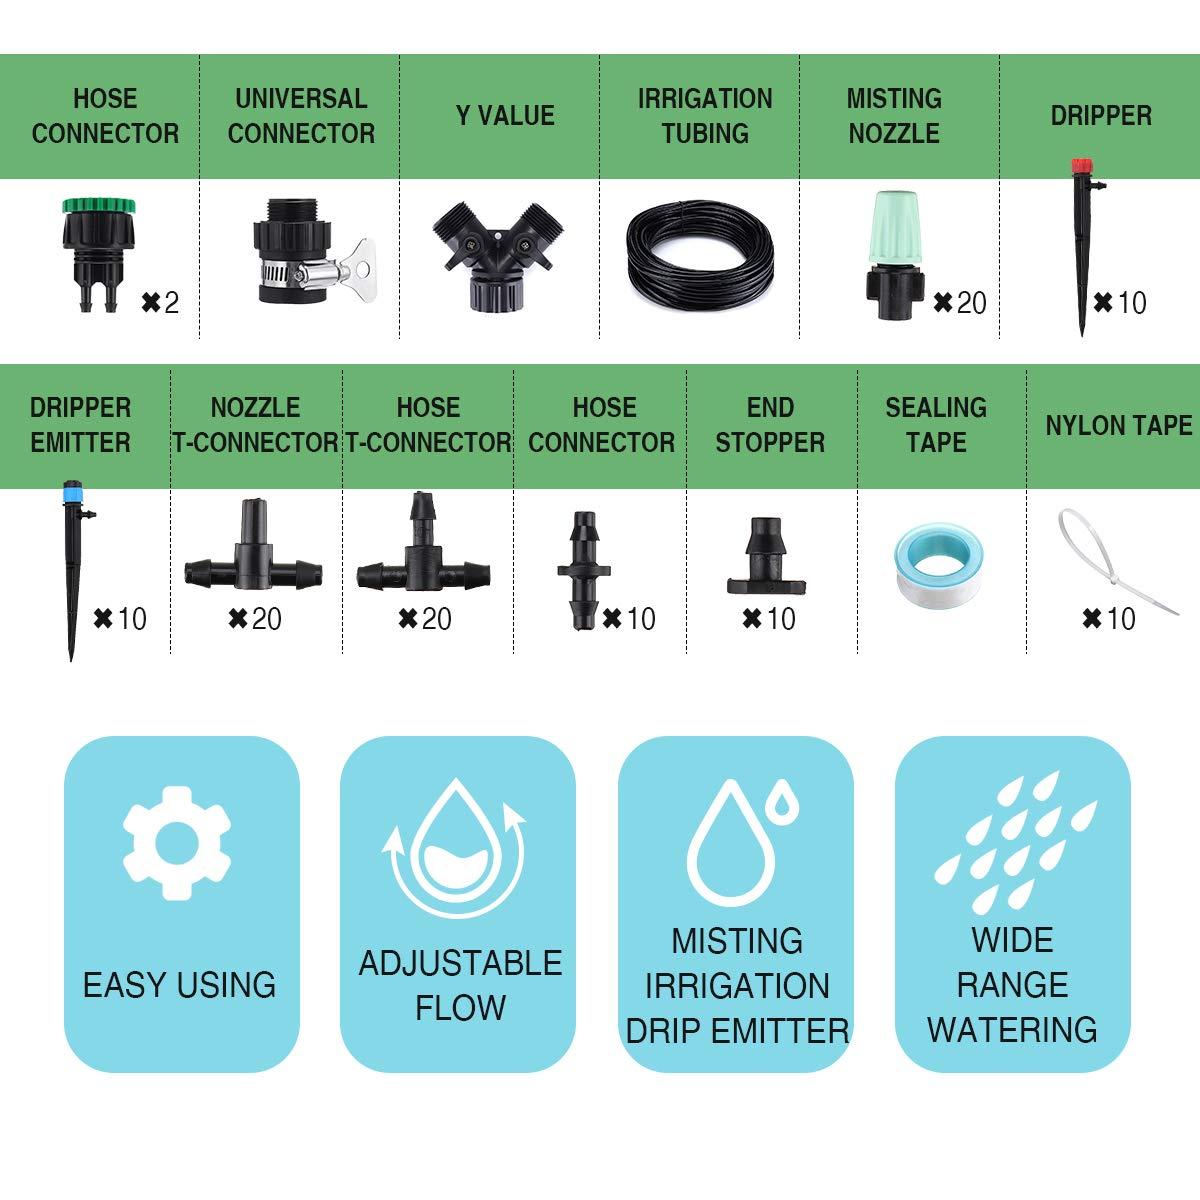 Kit per Irrigazione Regolabile per Giardino Serra king do way 25M Sistema di Irrigazione a Goccia Automatica con Valvola Y 20 Ugelli atomizzatori 10 Gocciolatore di Fontana 10 Gocciolatori